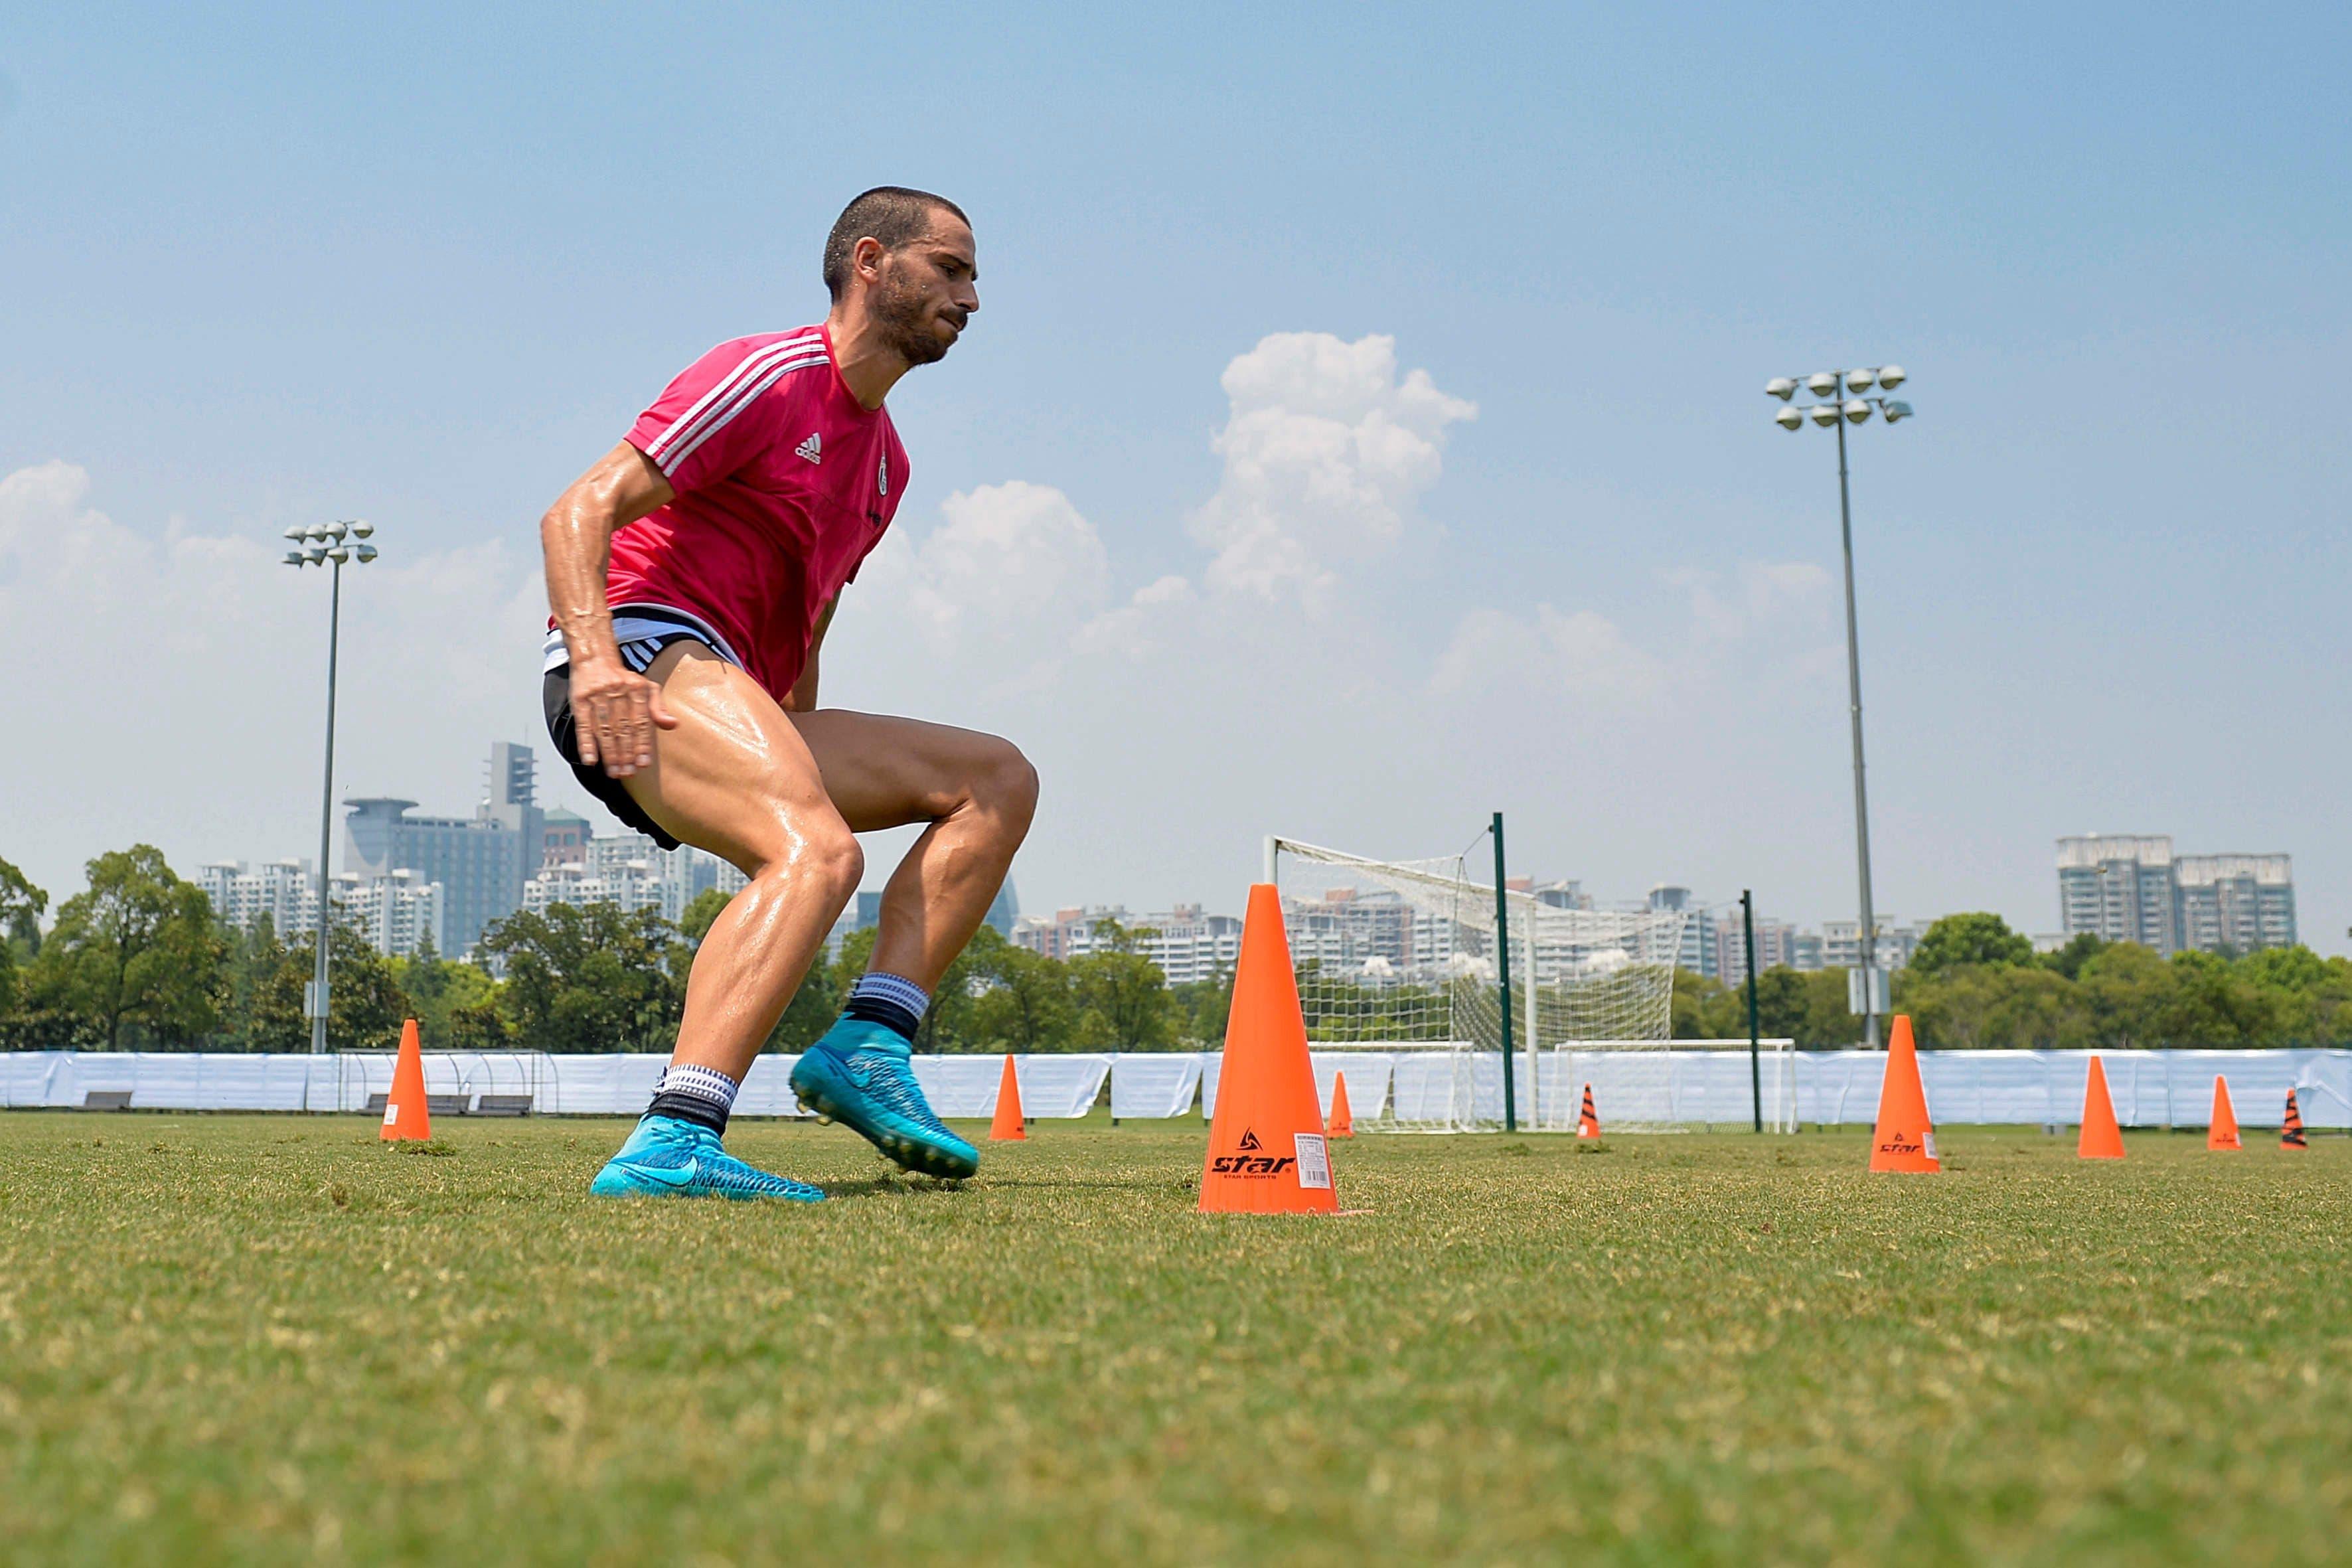 Ejercicios En Circuito Y Coordinacion : Movimientos para mejorar tu agilidad entrenamiento